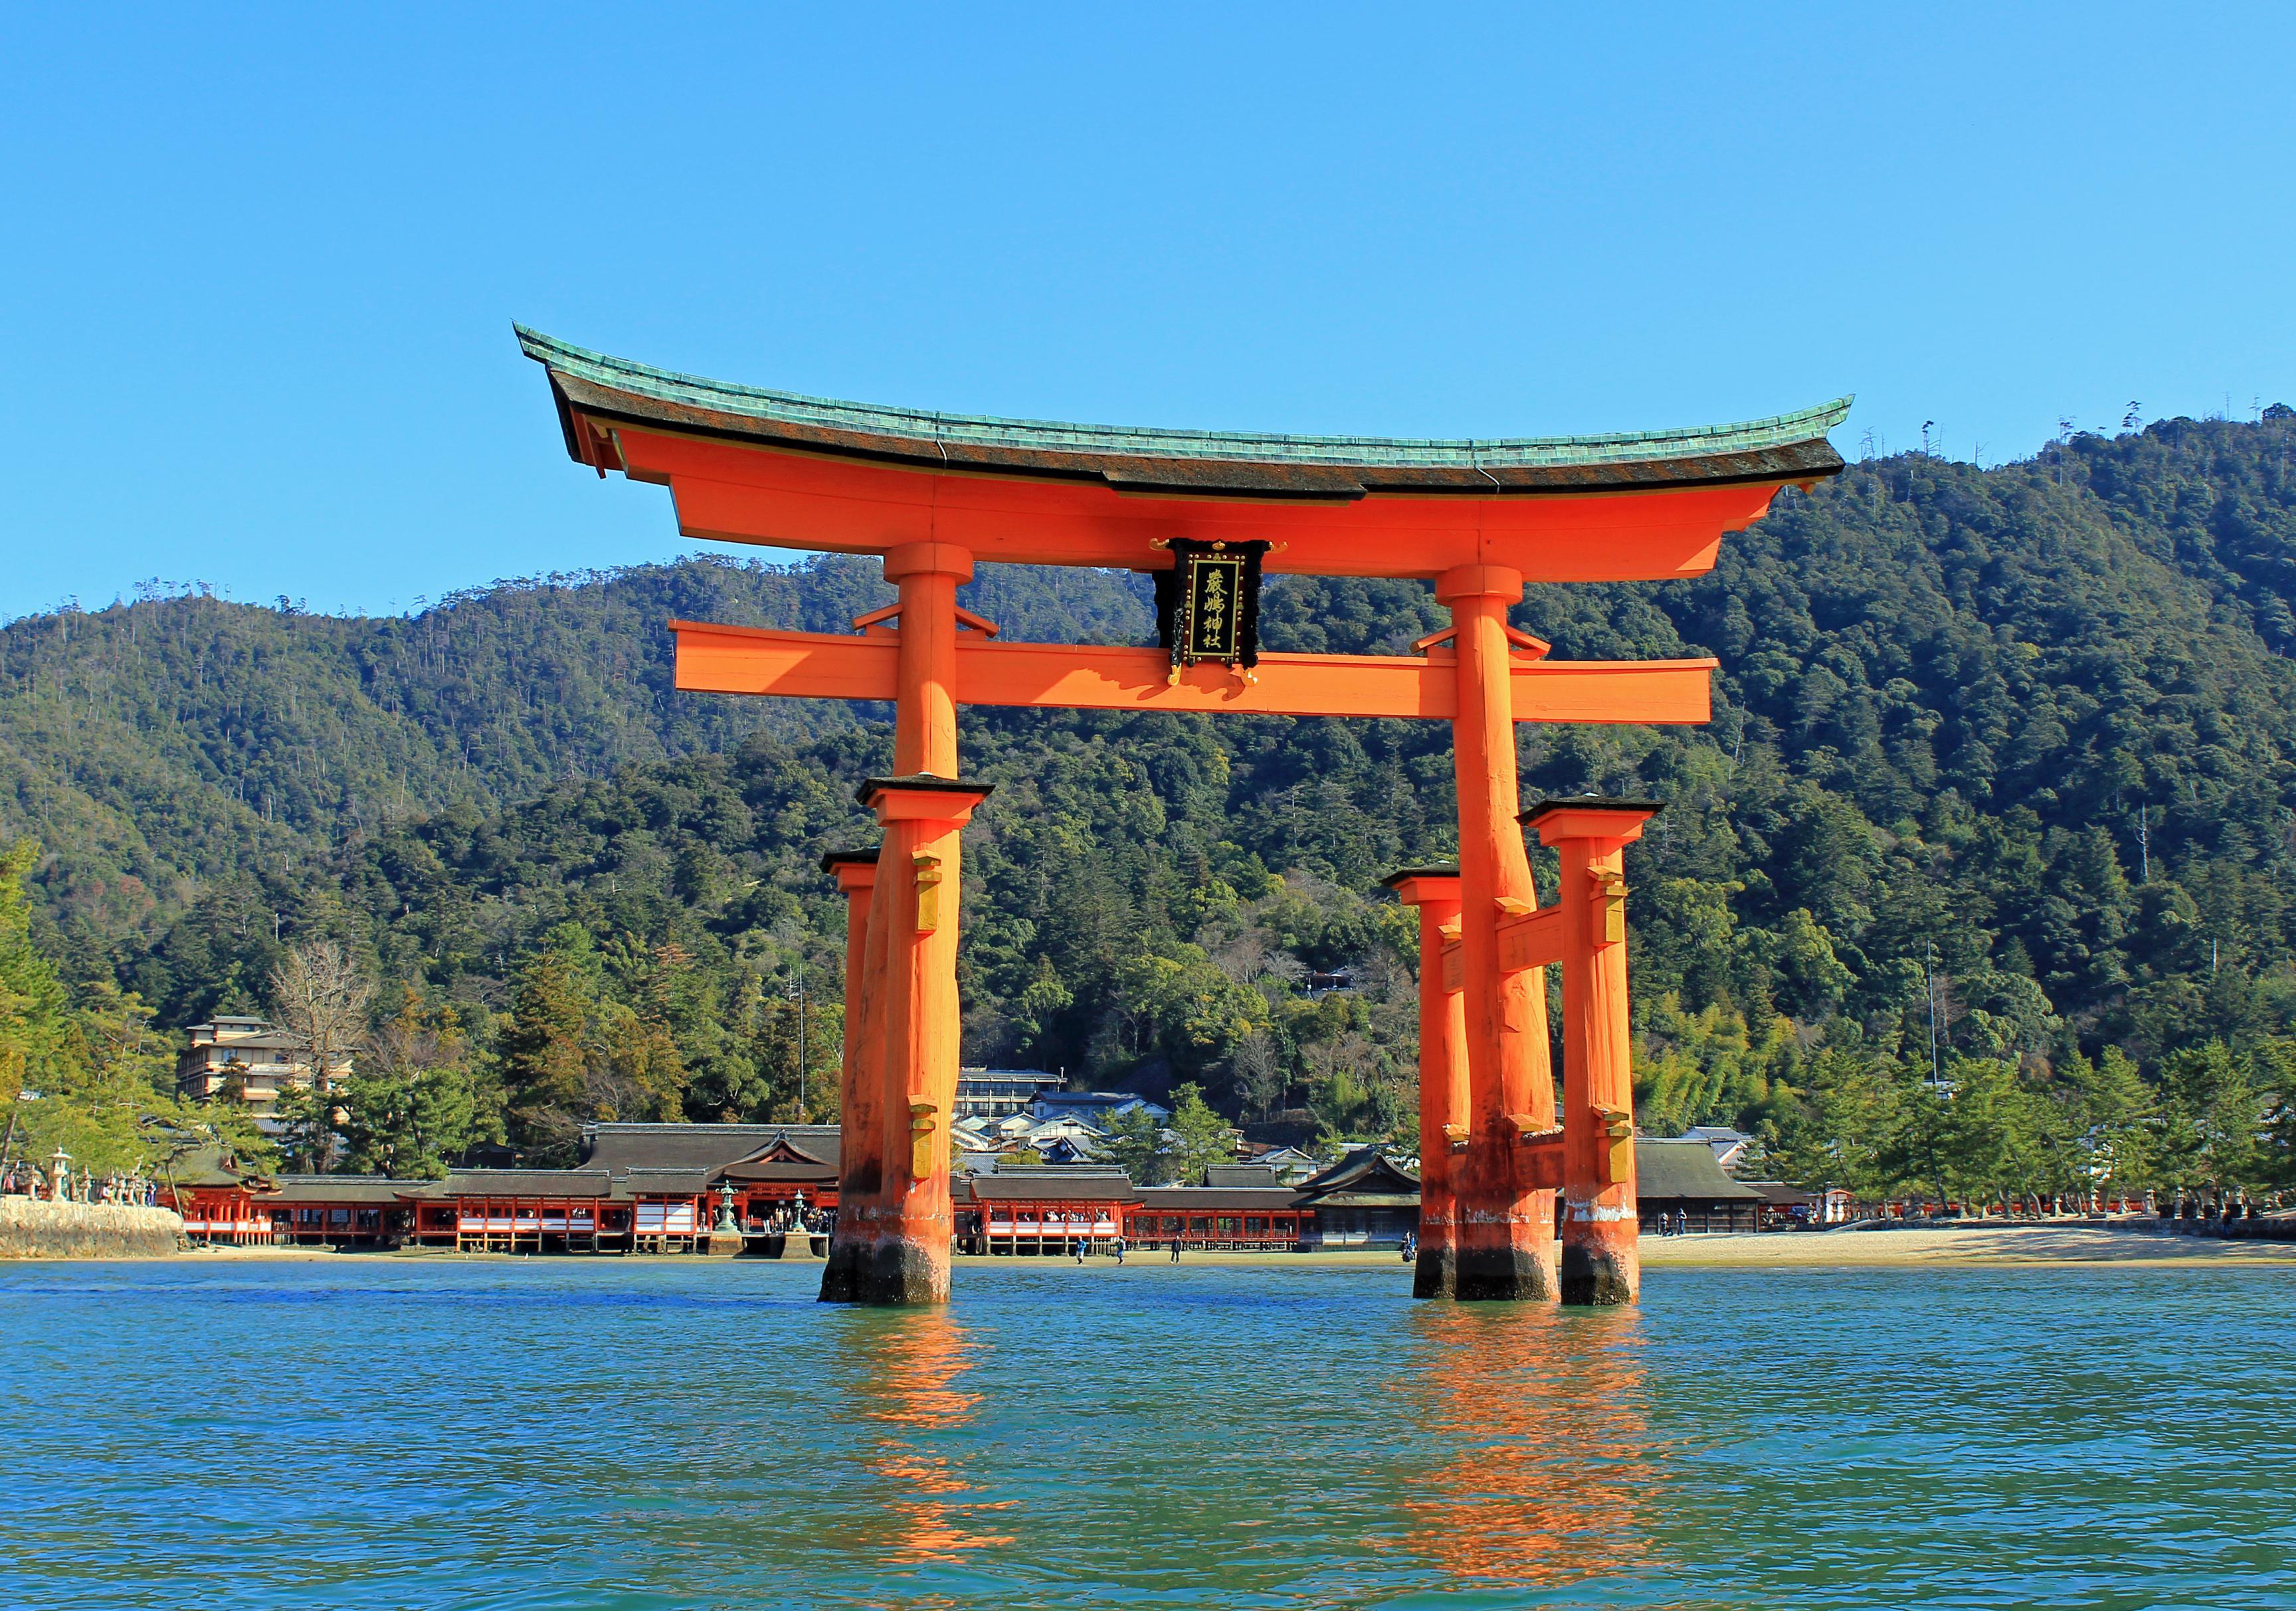 厳島神社 大鳥居(イメージ)写真提供:広島県 ※厳島神社の大鳥居は現在屋根葺替、塗装及び部分を修理中のため全体がネットで覆われています。